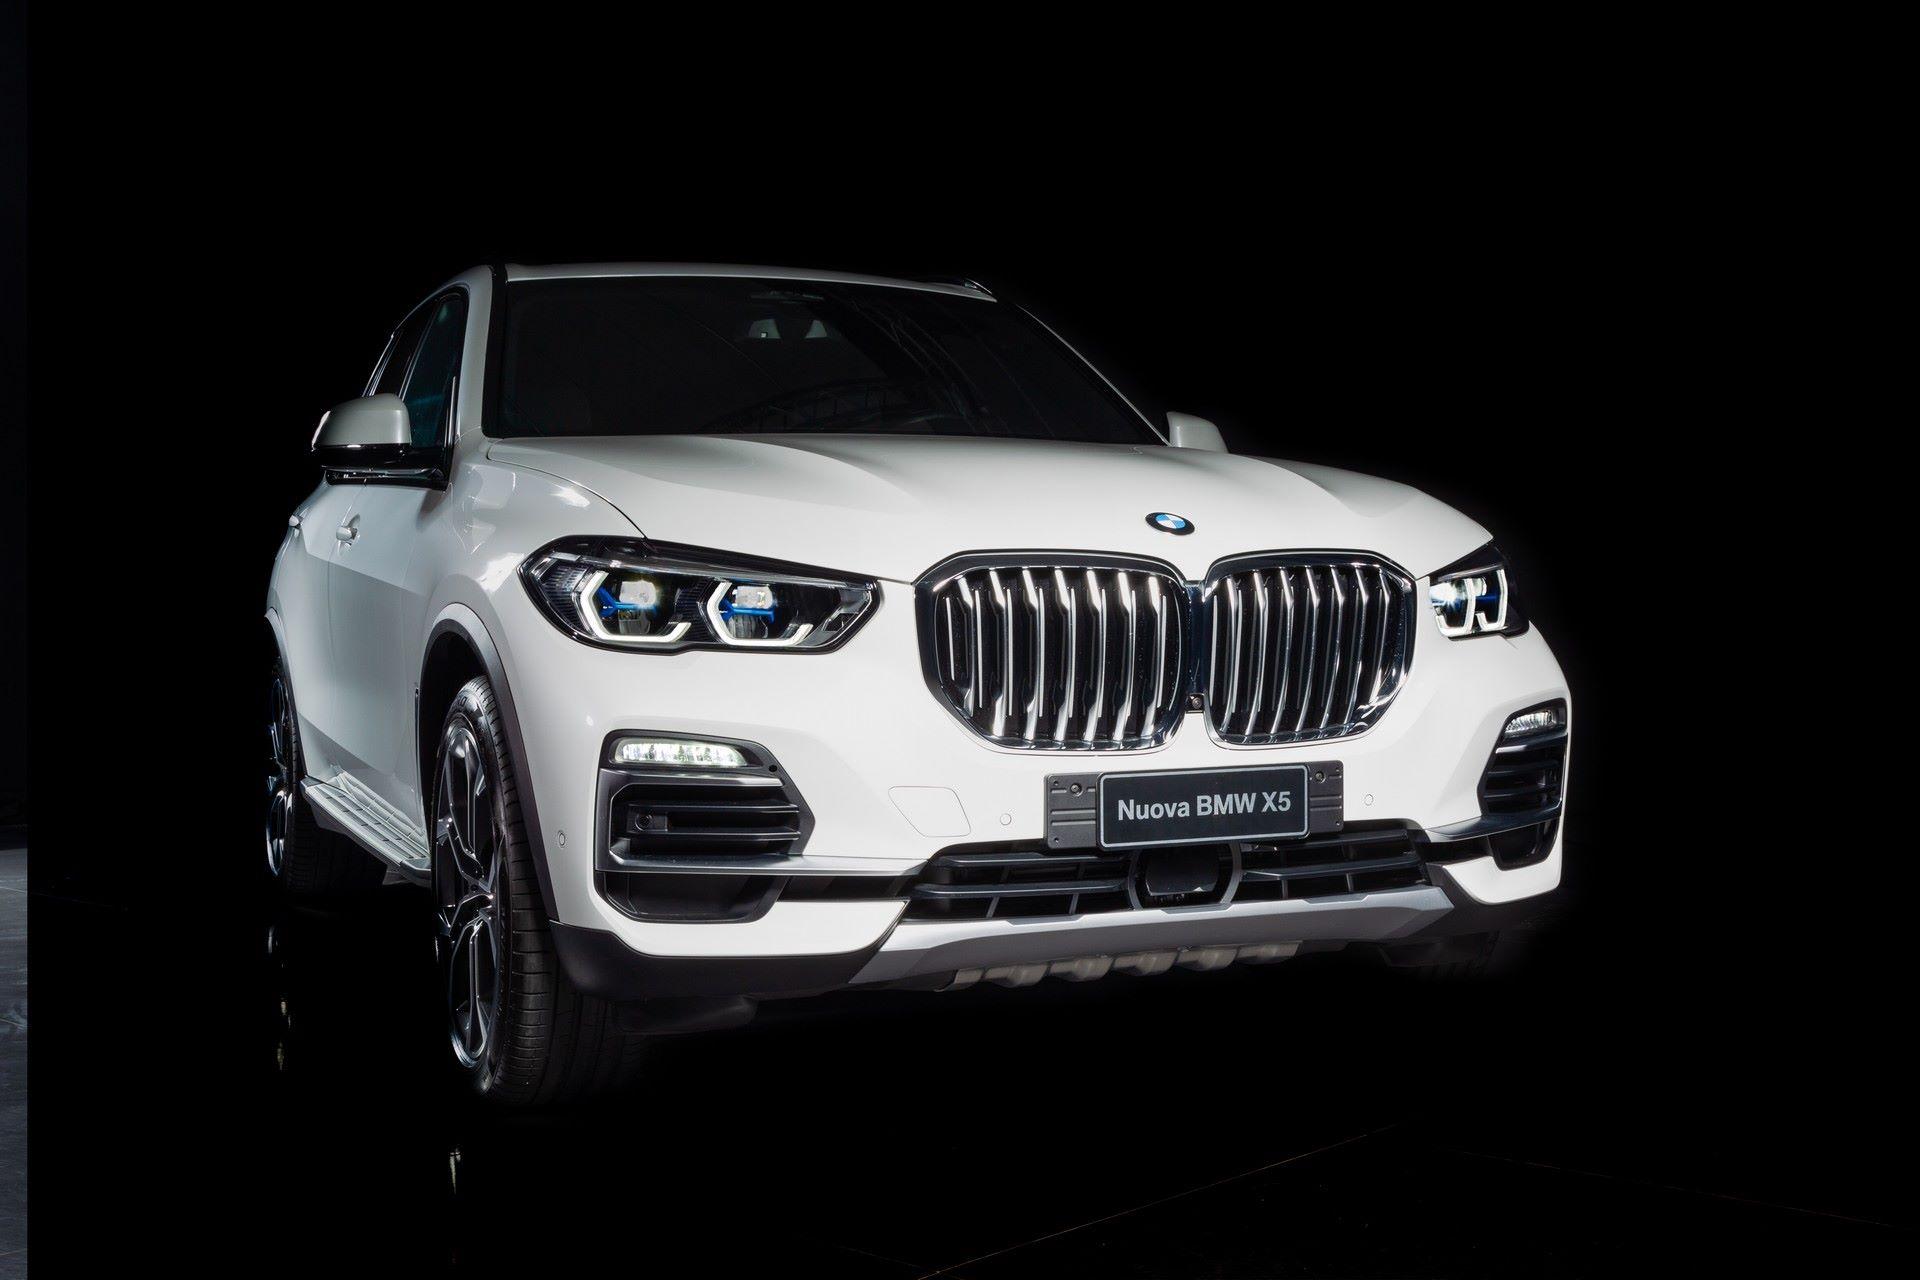 BMW-X5-Timeless-Edition-1